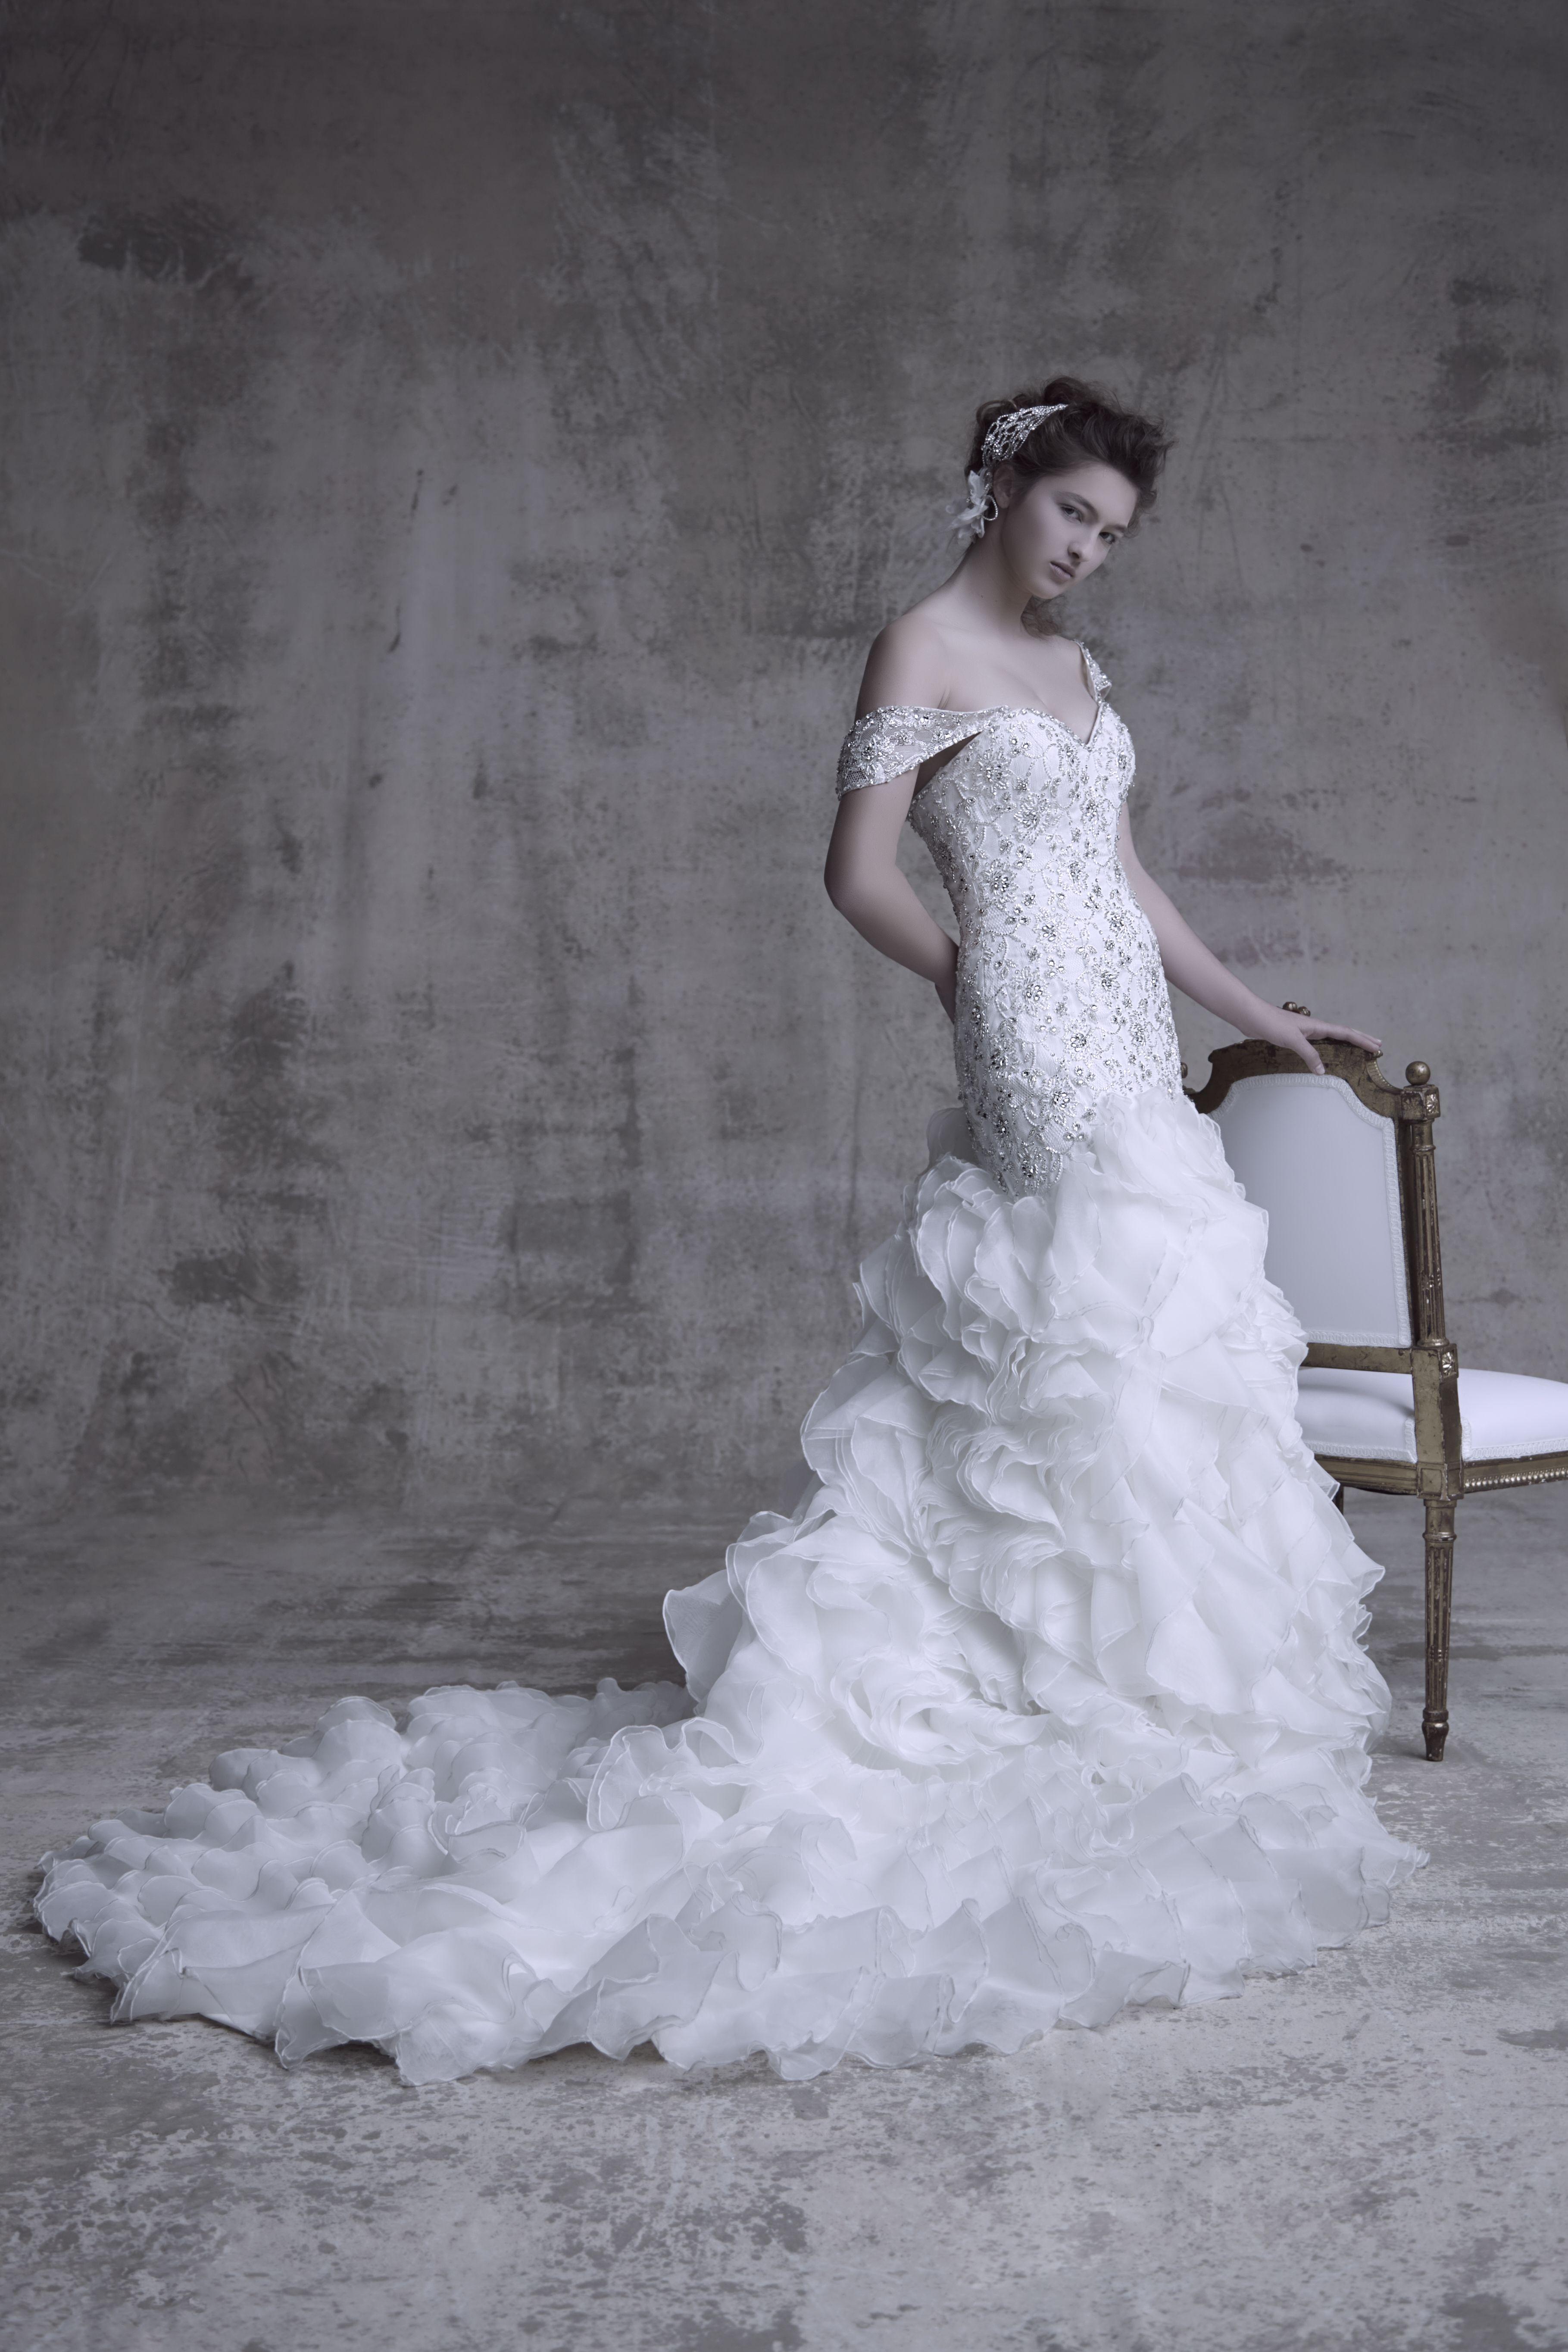 Gown by Sophia\'s Keller, TX | Wedding Dresses at Sophia\'s Gowns ...